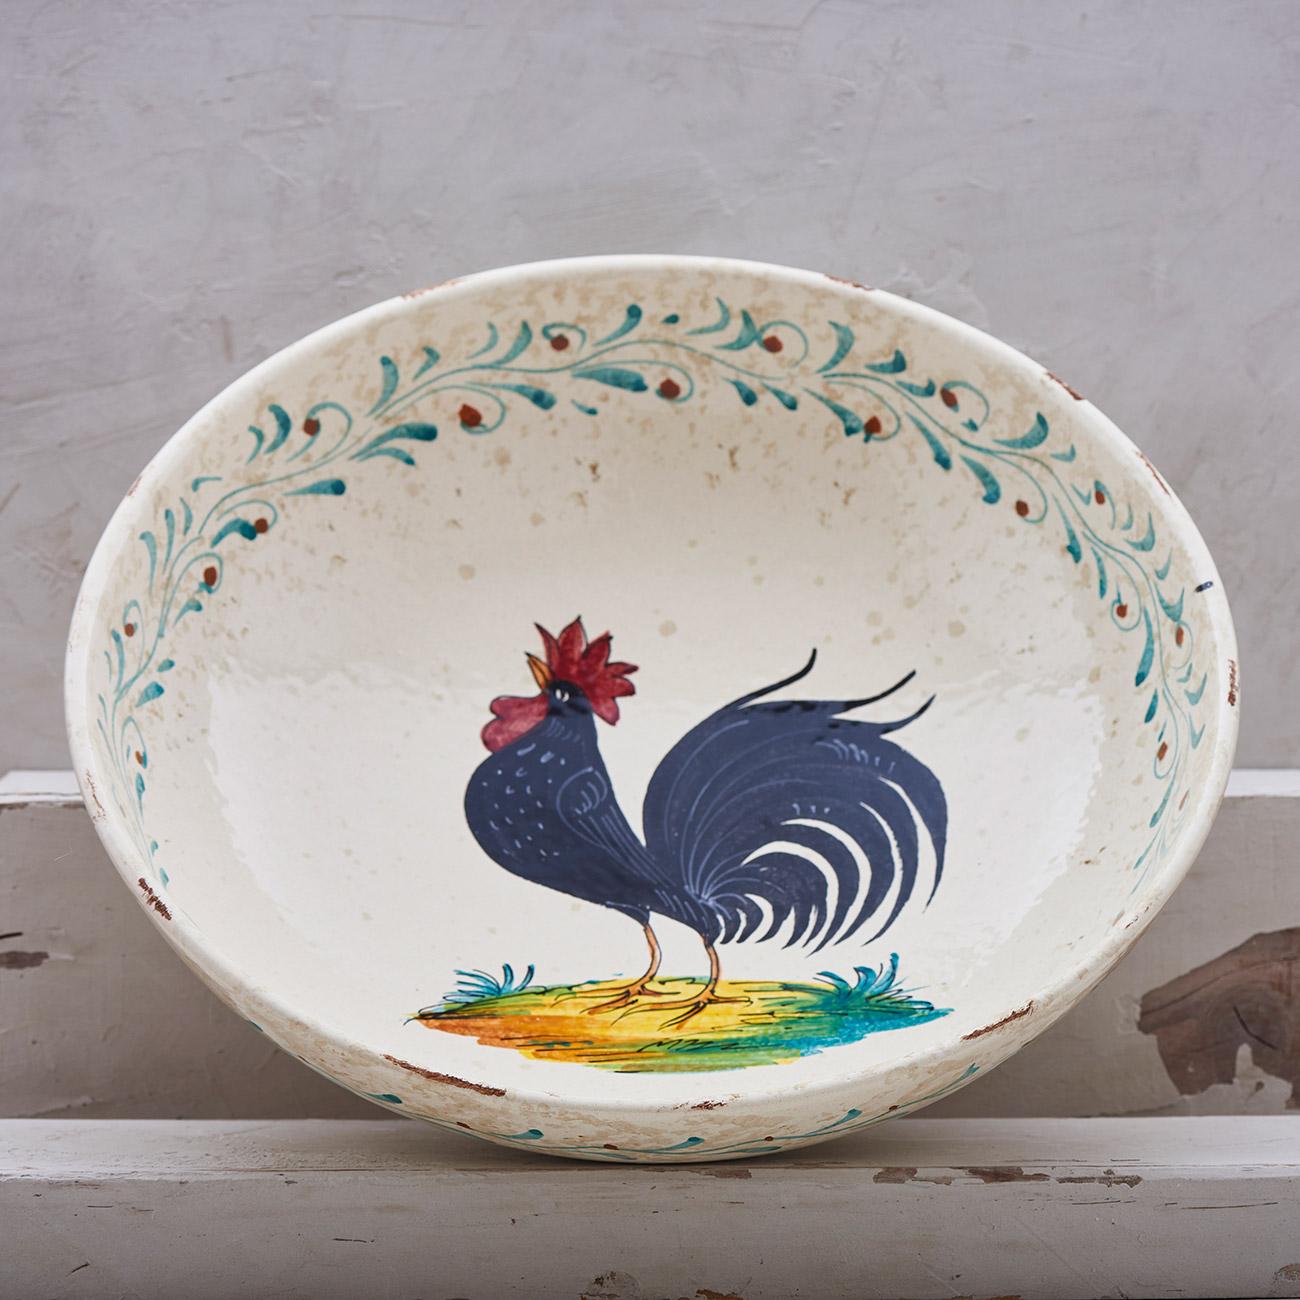 Black Rooster Bowl - 30 cm 1